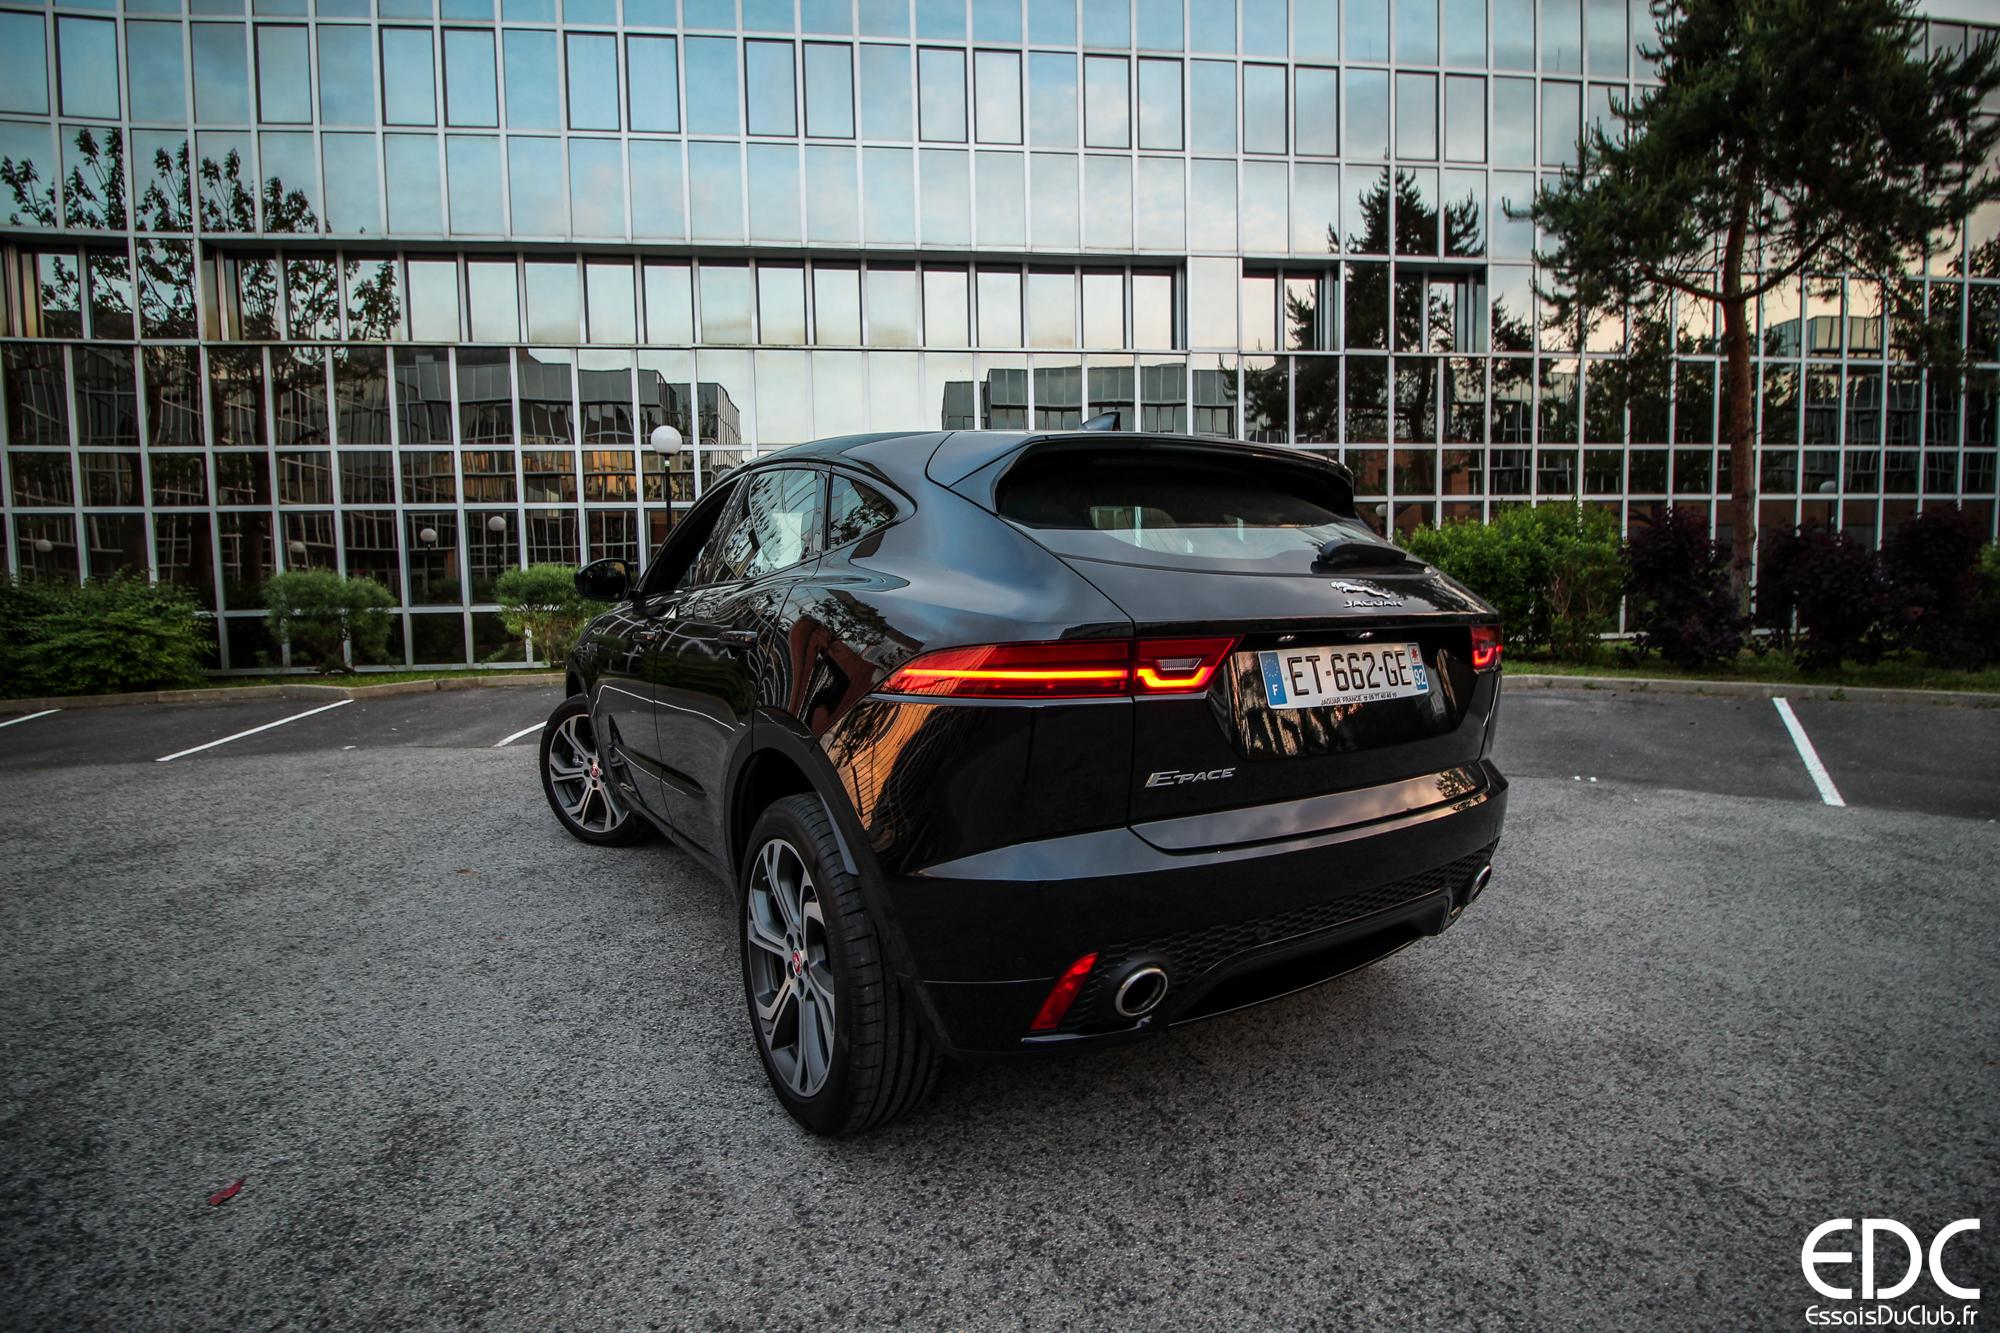 Jaguar E-PACE arrière ville